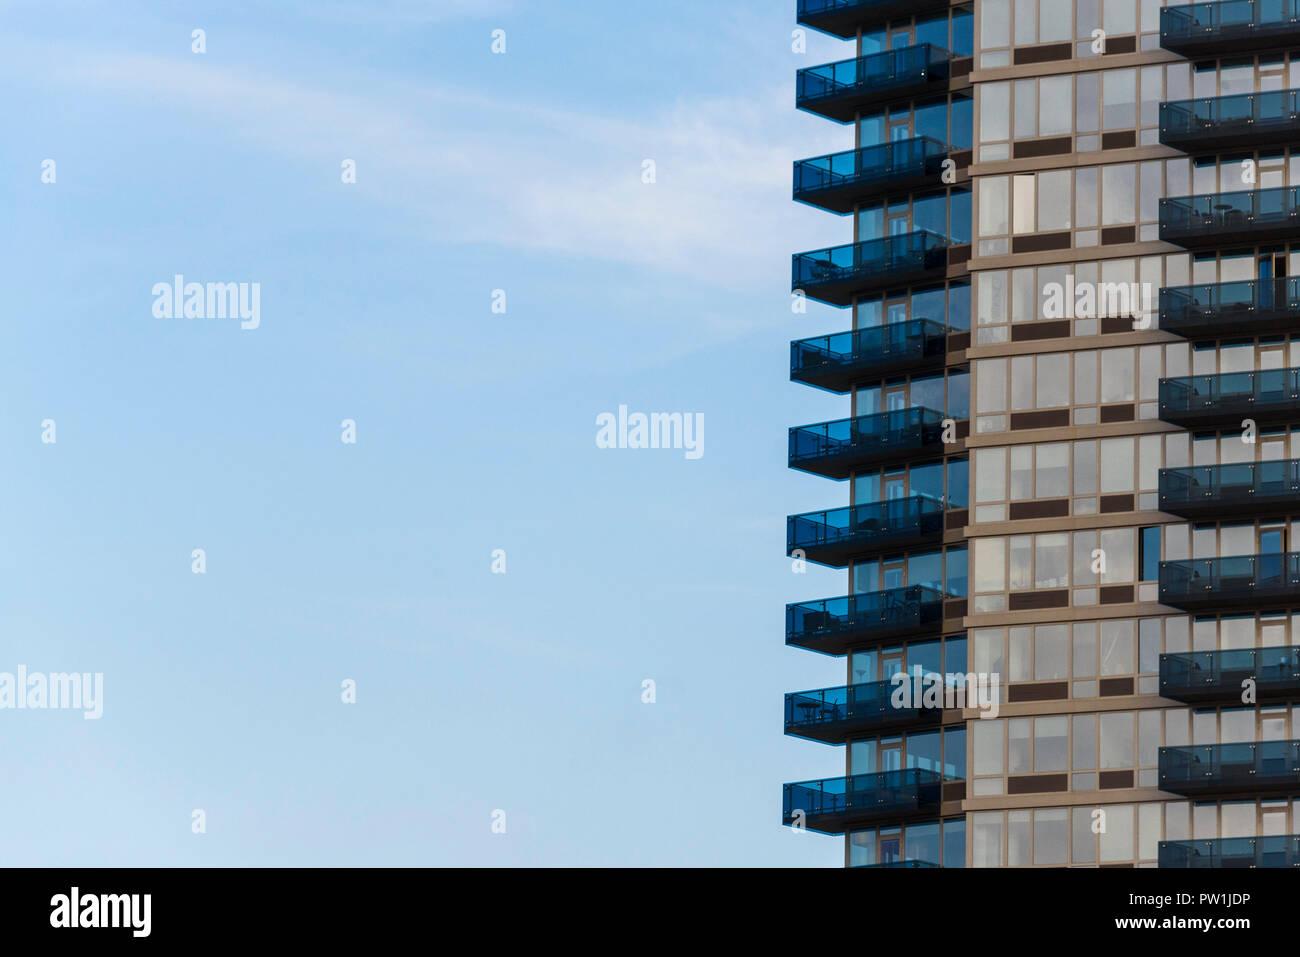 Eenkamerappartement In Manhatten : Manhattan new york balkone auf appartement gebäude in